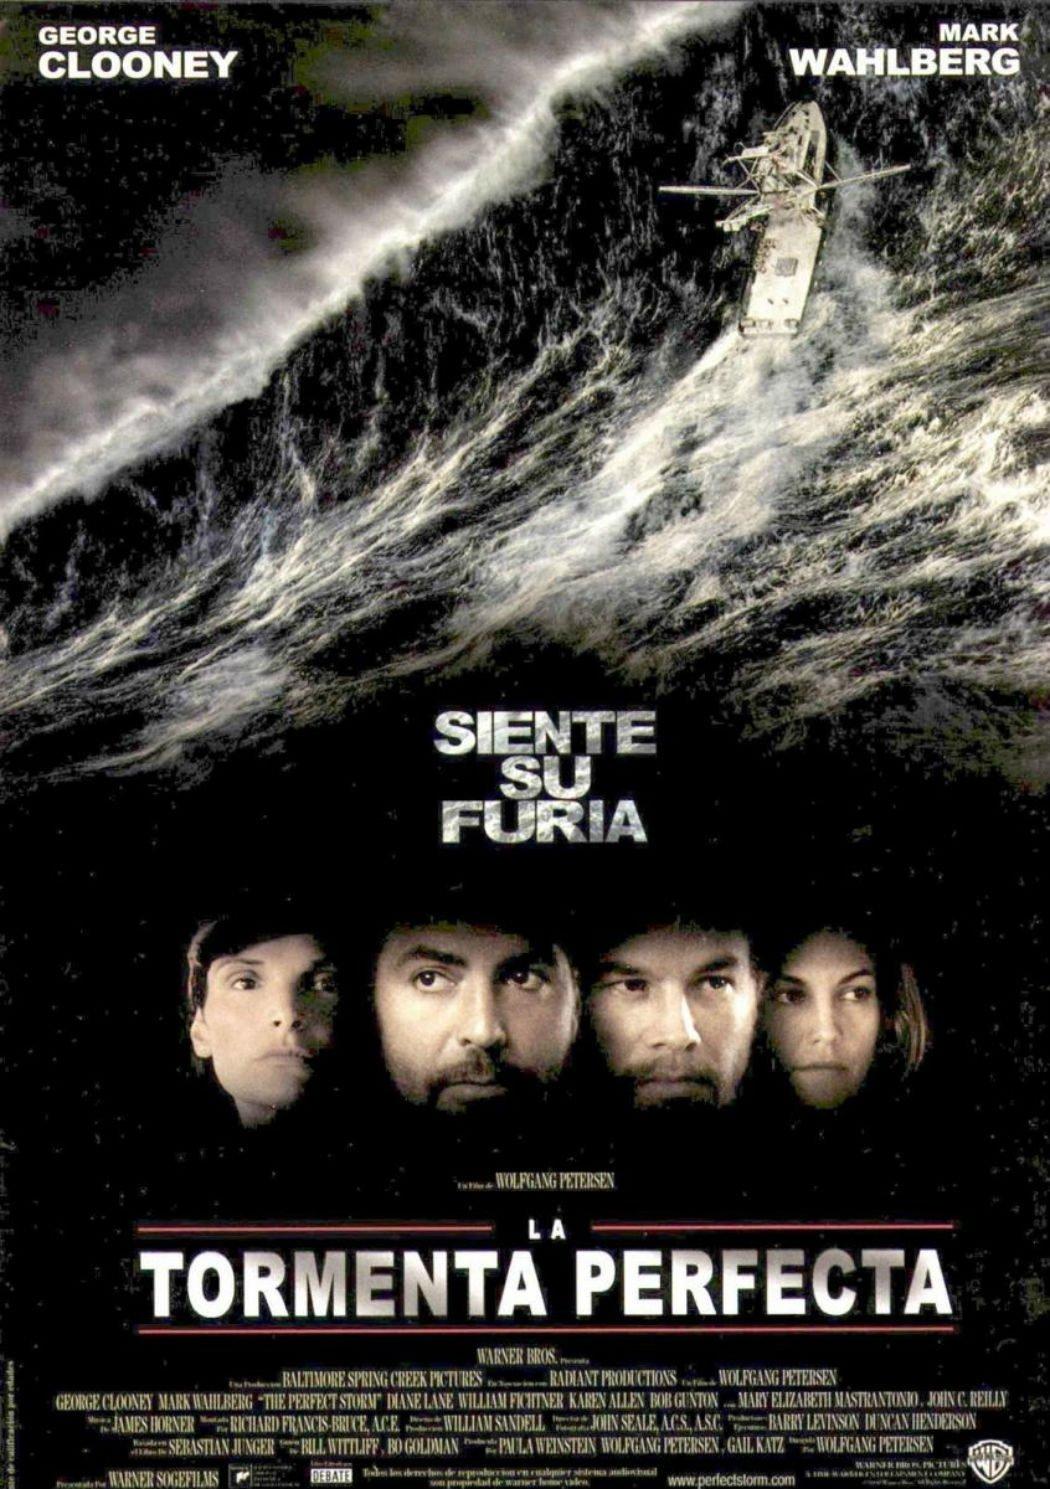 'La tormenta perfecta' (2000)